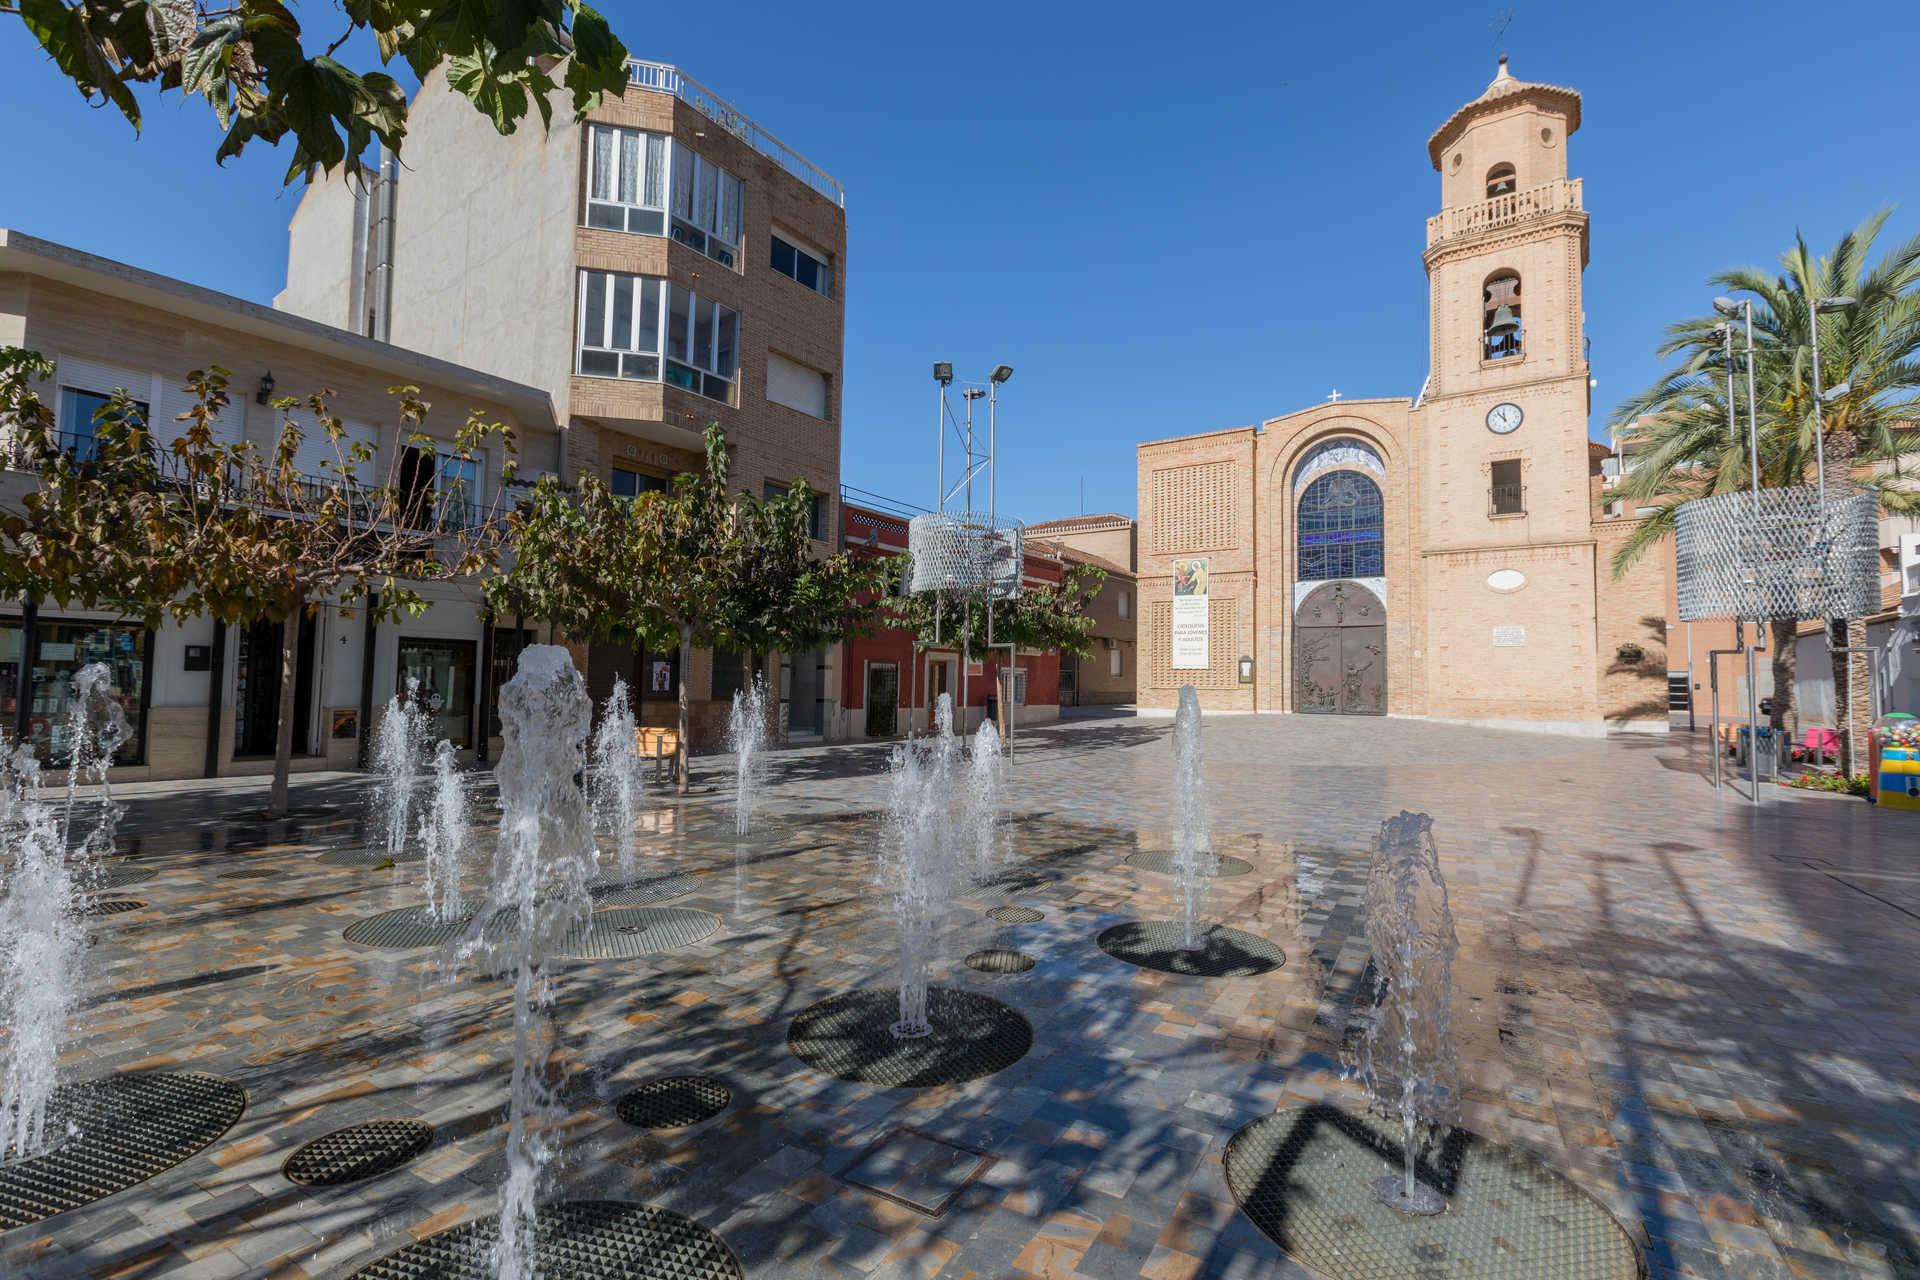 https://multimedia.comunitatvalenciana.com/55E02576F36248CF82687665F54F3B2E/img/69E74B22F11649A9BA274FA2F0F4BEA9/Iglesia_Ntra_Sra_del_Pilar_7H9A5657.jpg?responsive